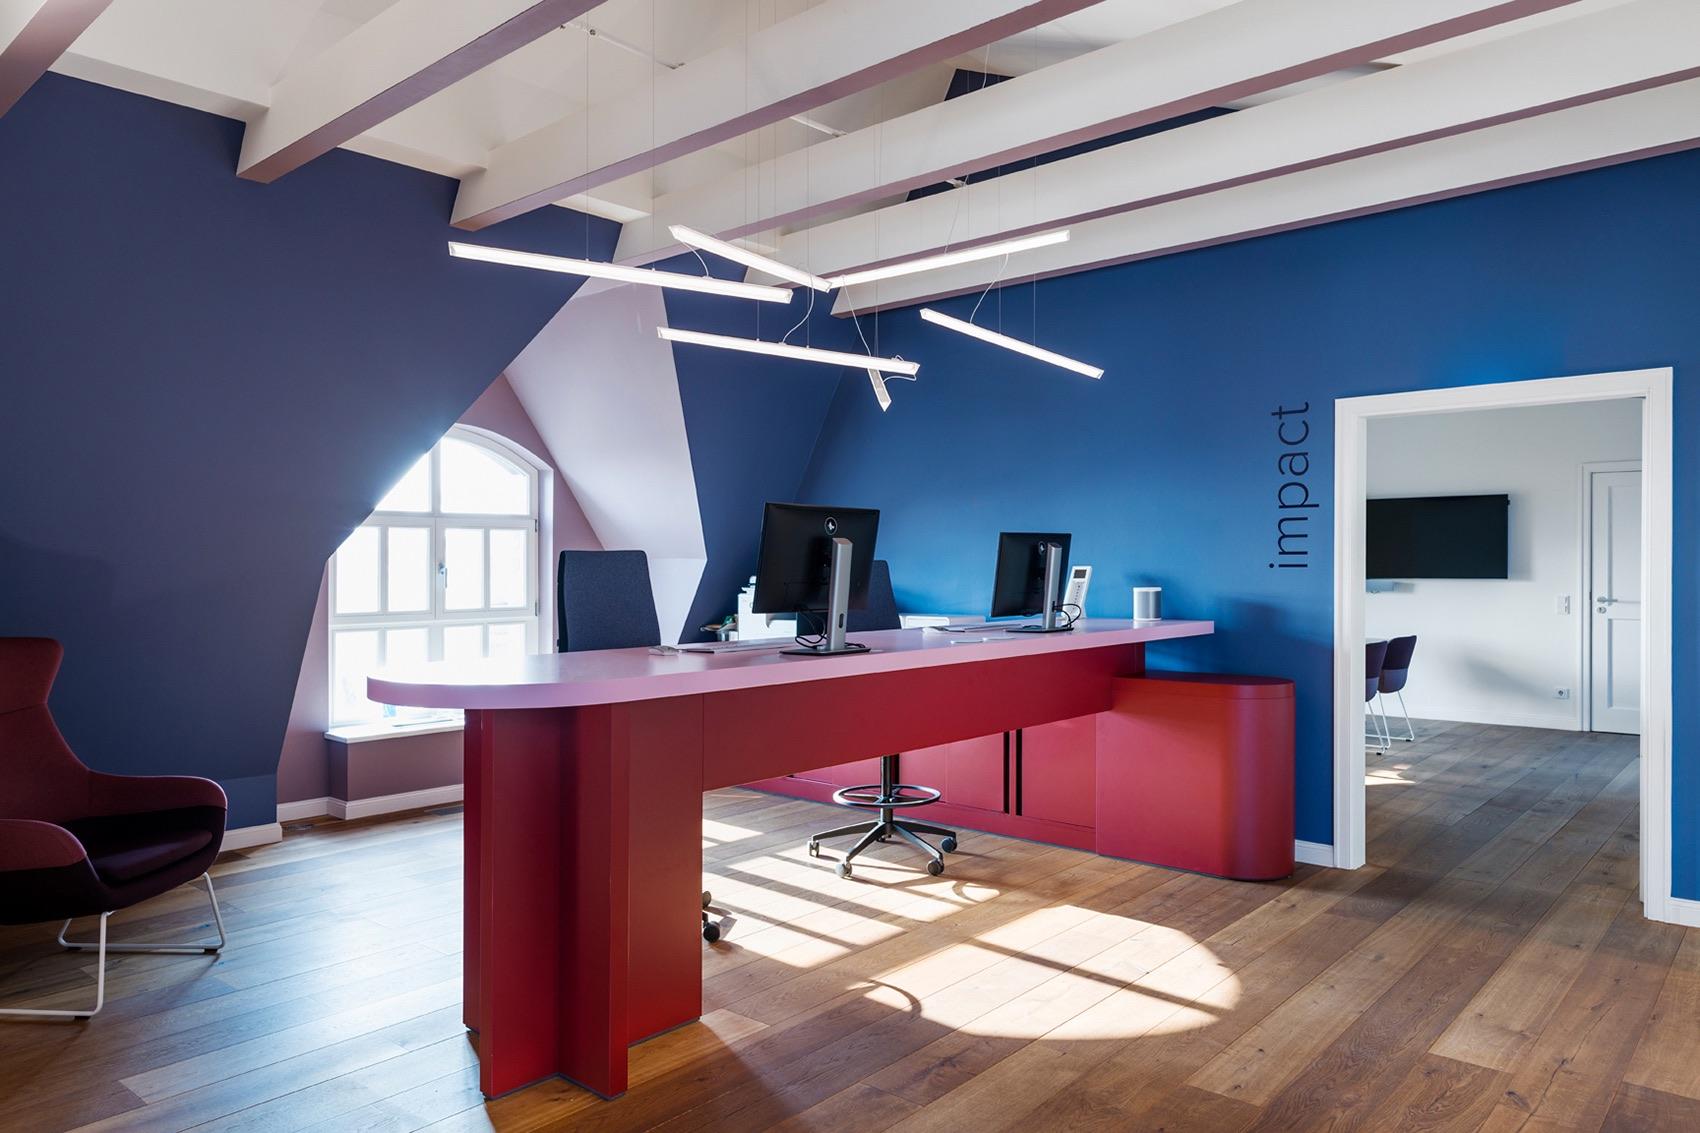 netlight-hamburg-office-1